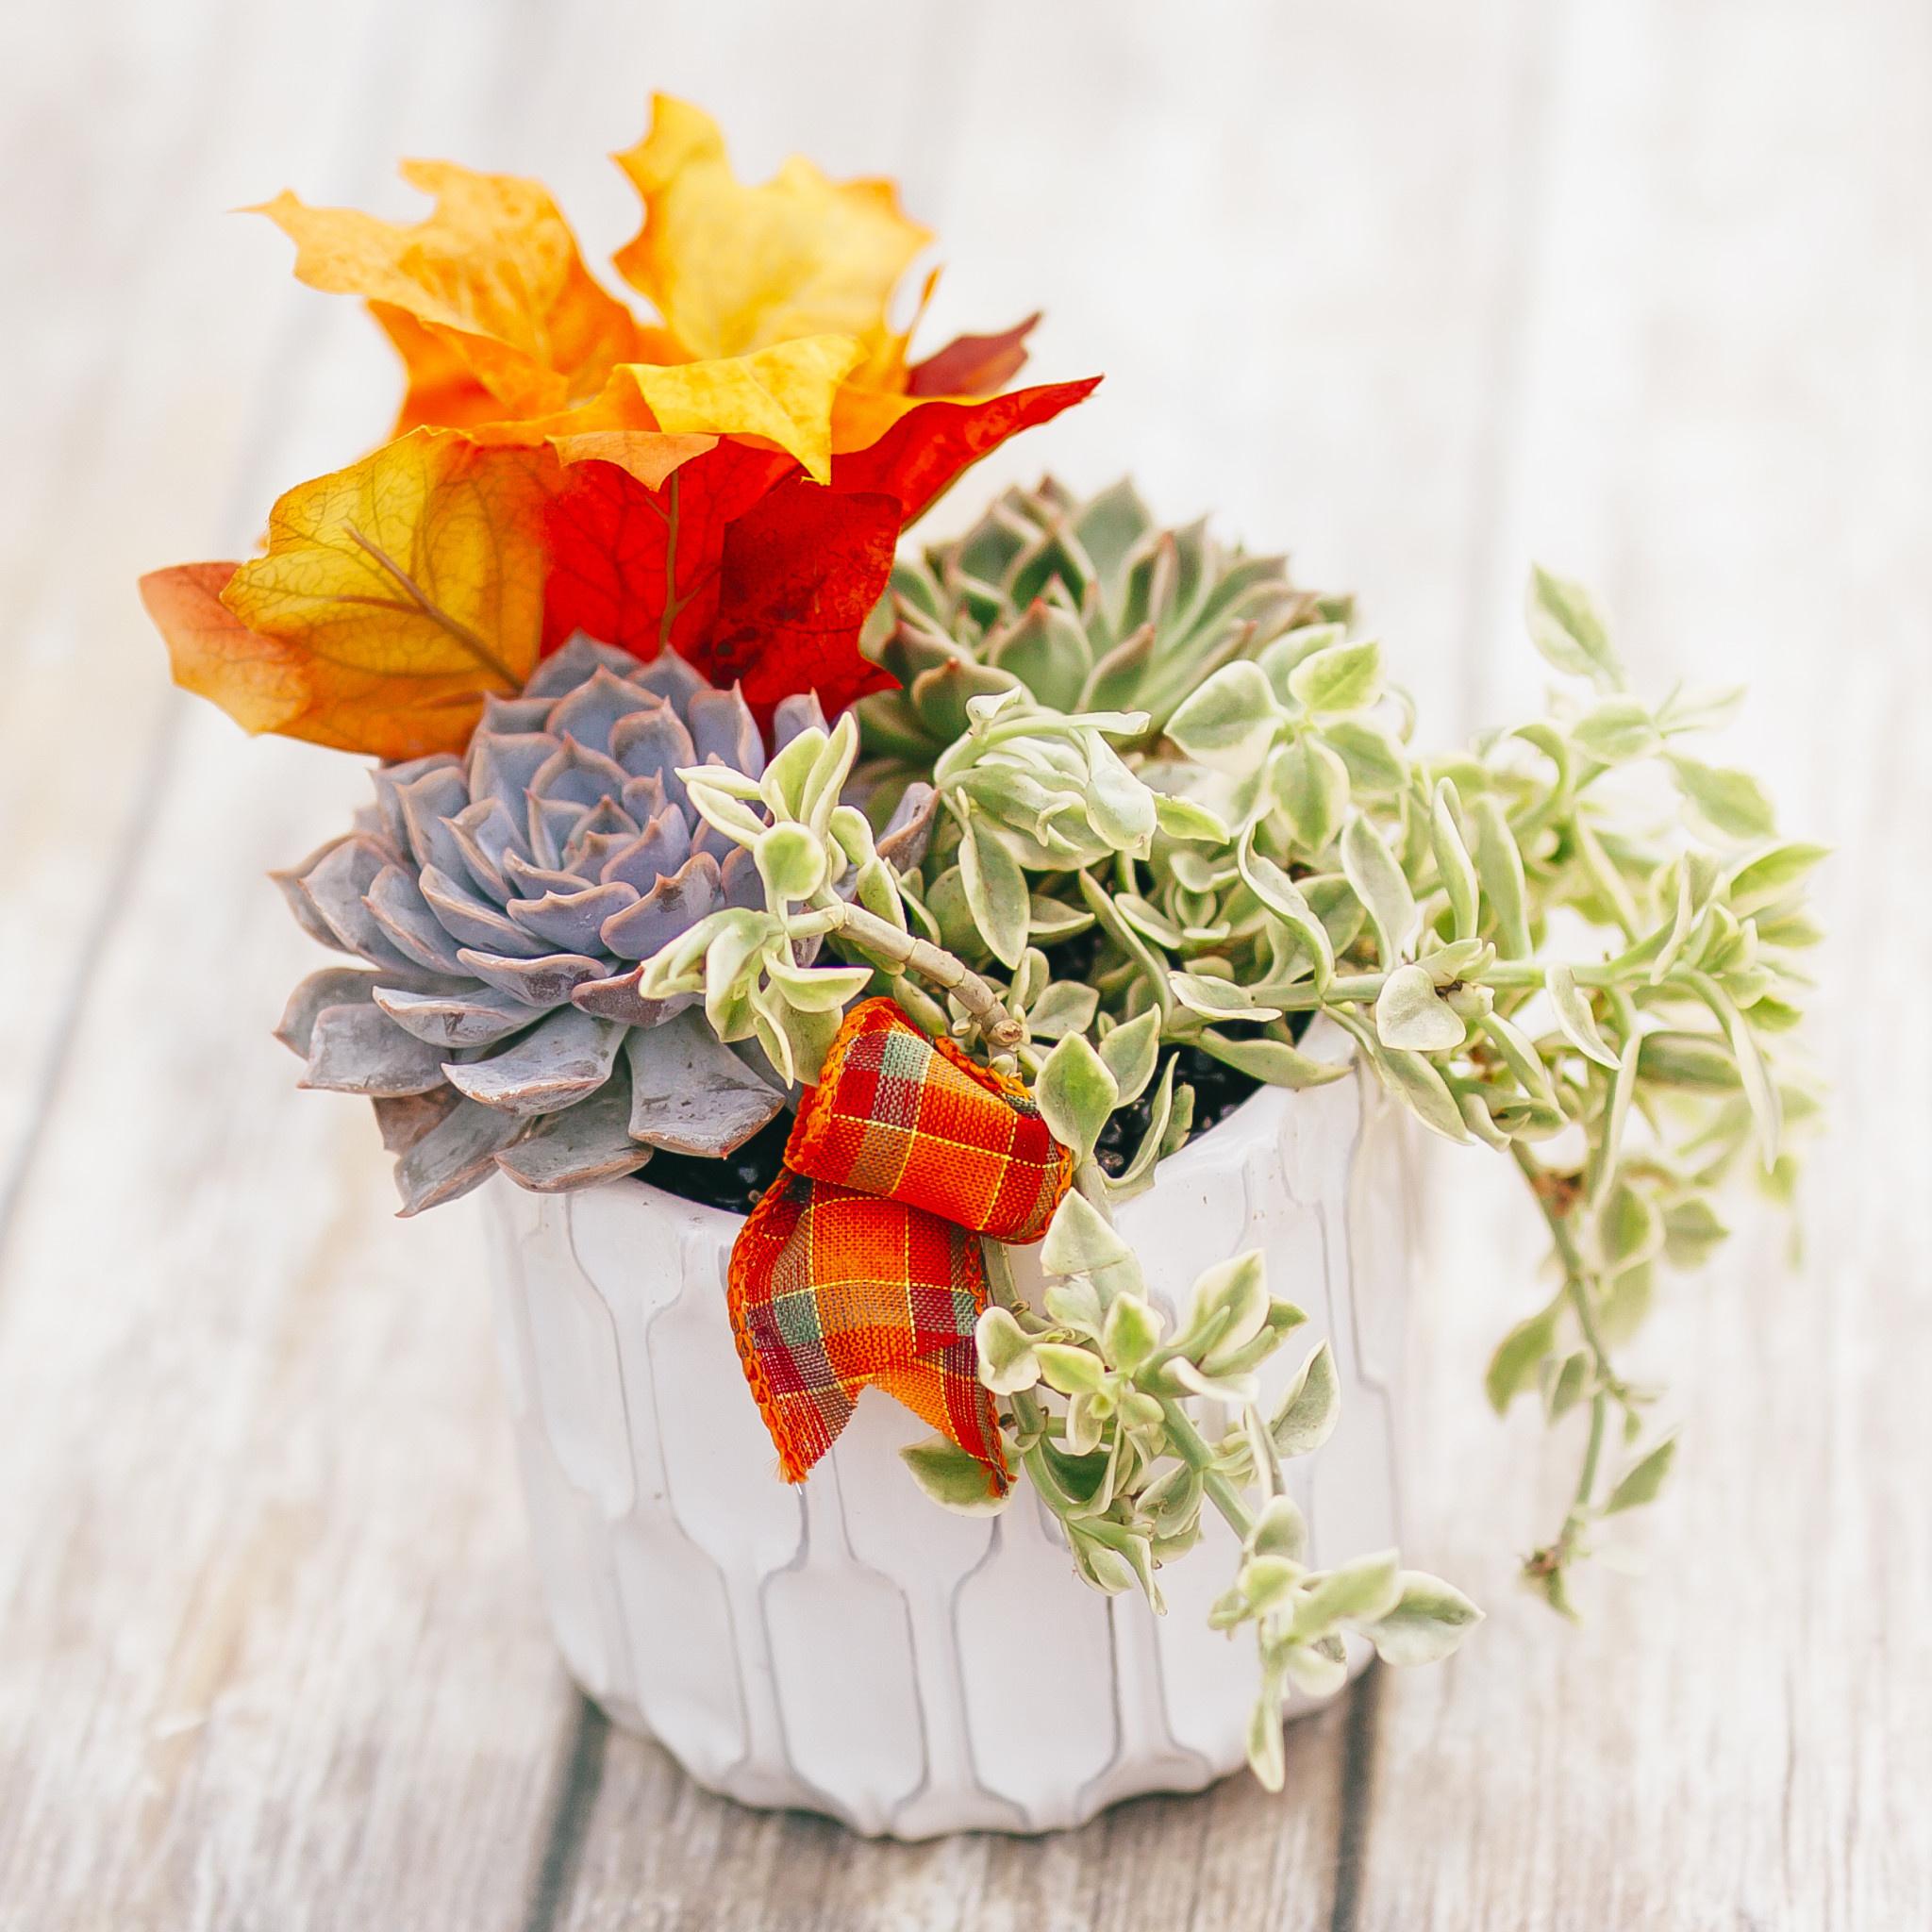 Christmas Succulent Arrangement.Attend A Workshop At Dutch Growers Dutch Growers